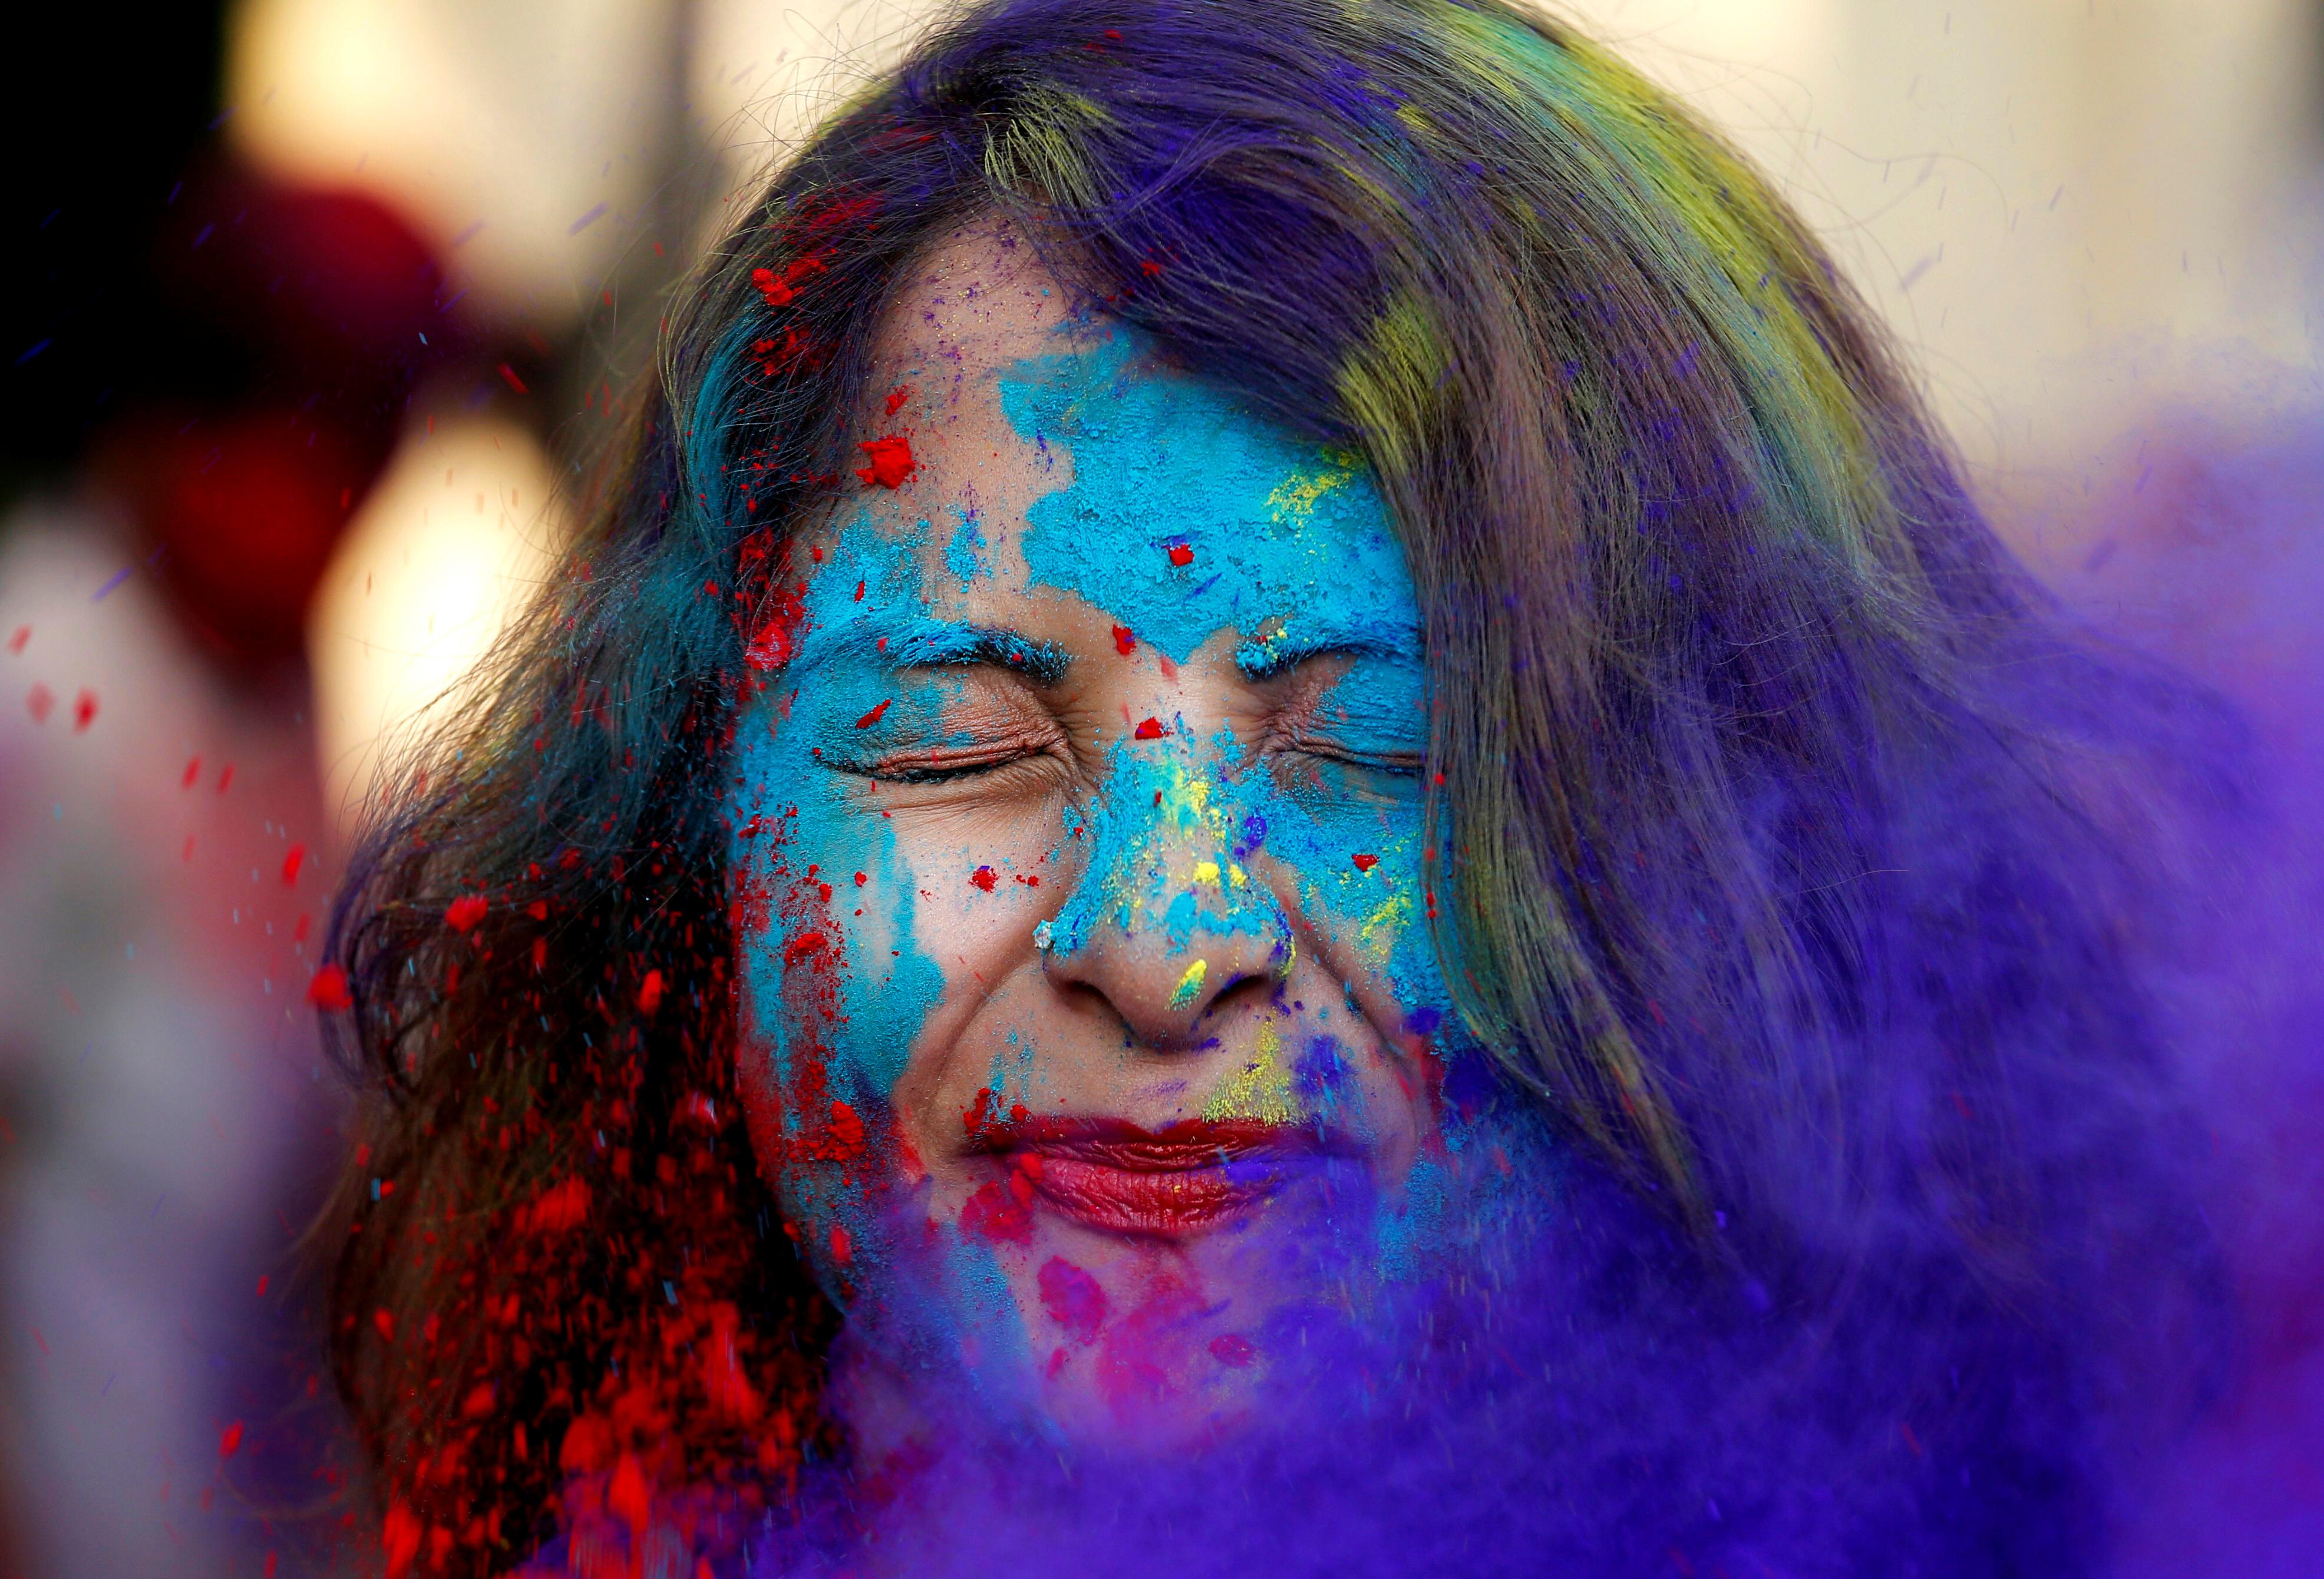 سيدة تطلى وجهها بالألوان